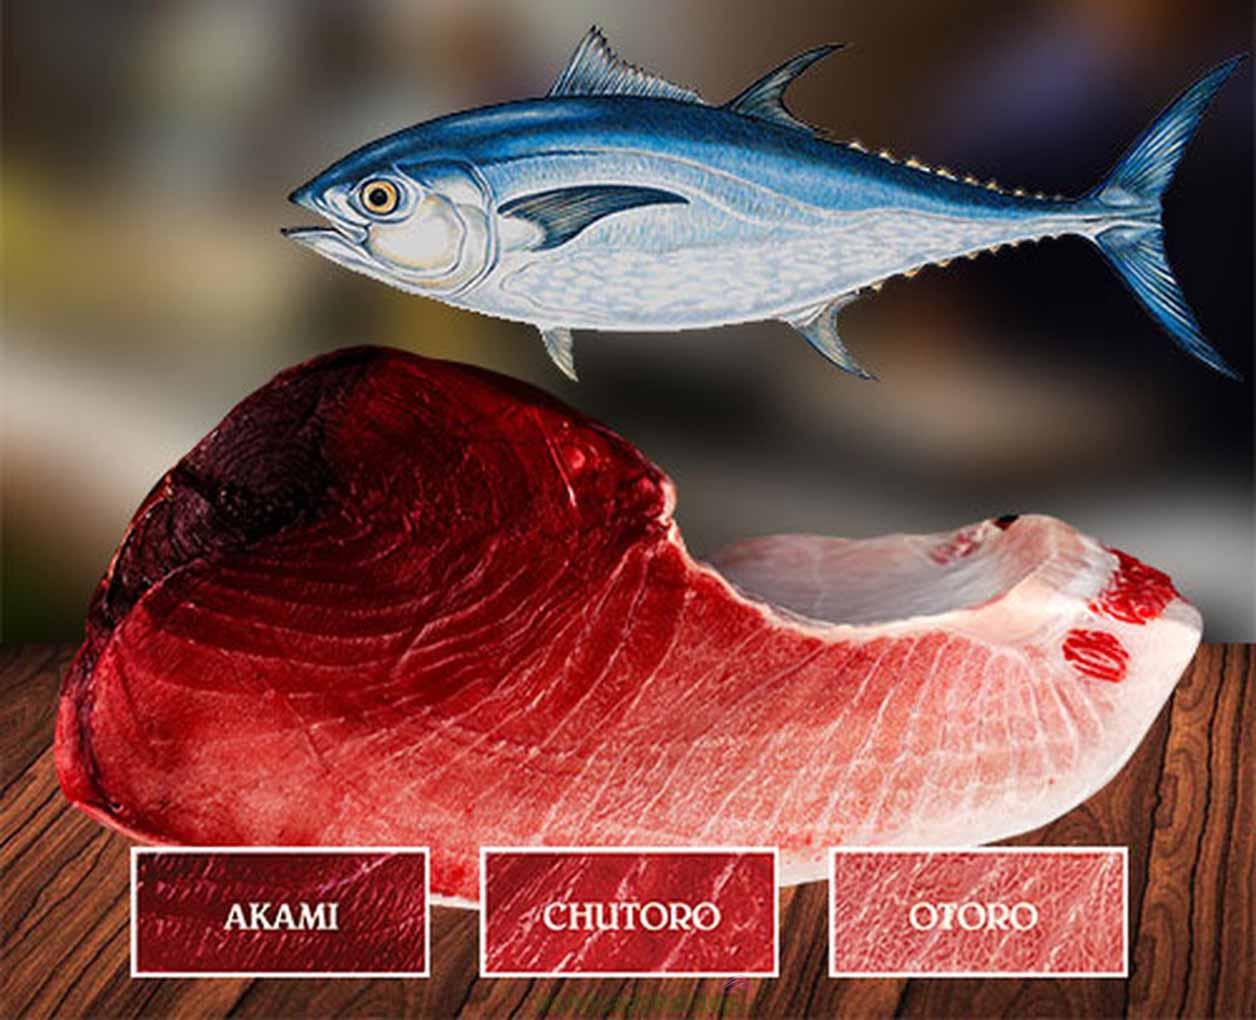 Thịt bụng cá ngừ Nhật Chutoro được xem là phần trung hòa của Akami & Otoro